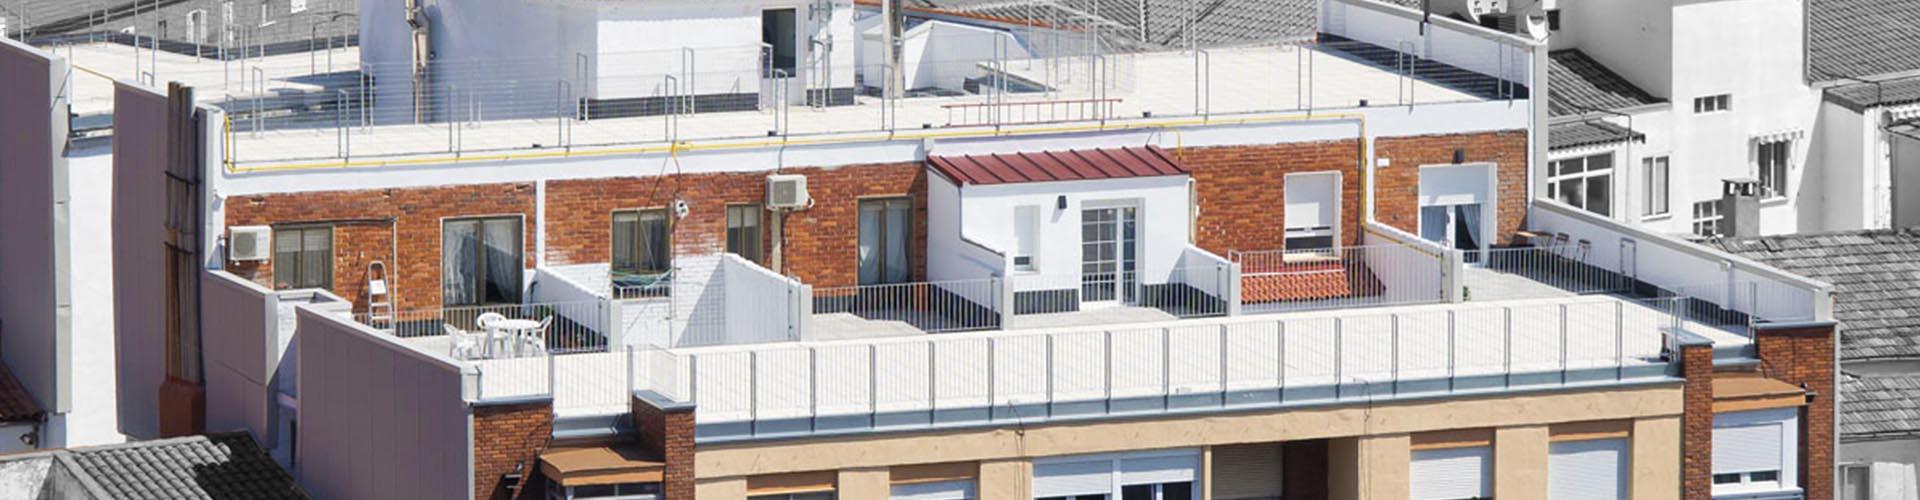 reforma-integral-edificio-calle-puente-colgante-valladolid-Slider